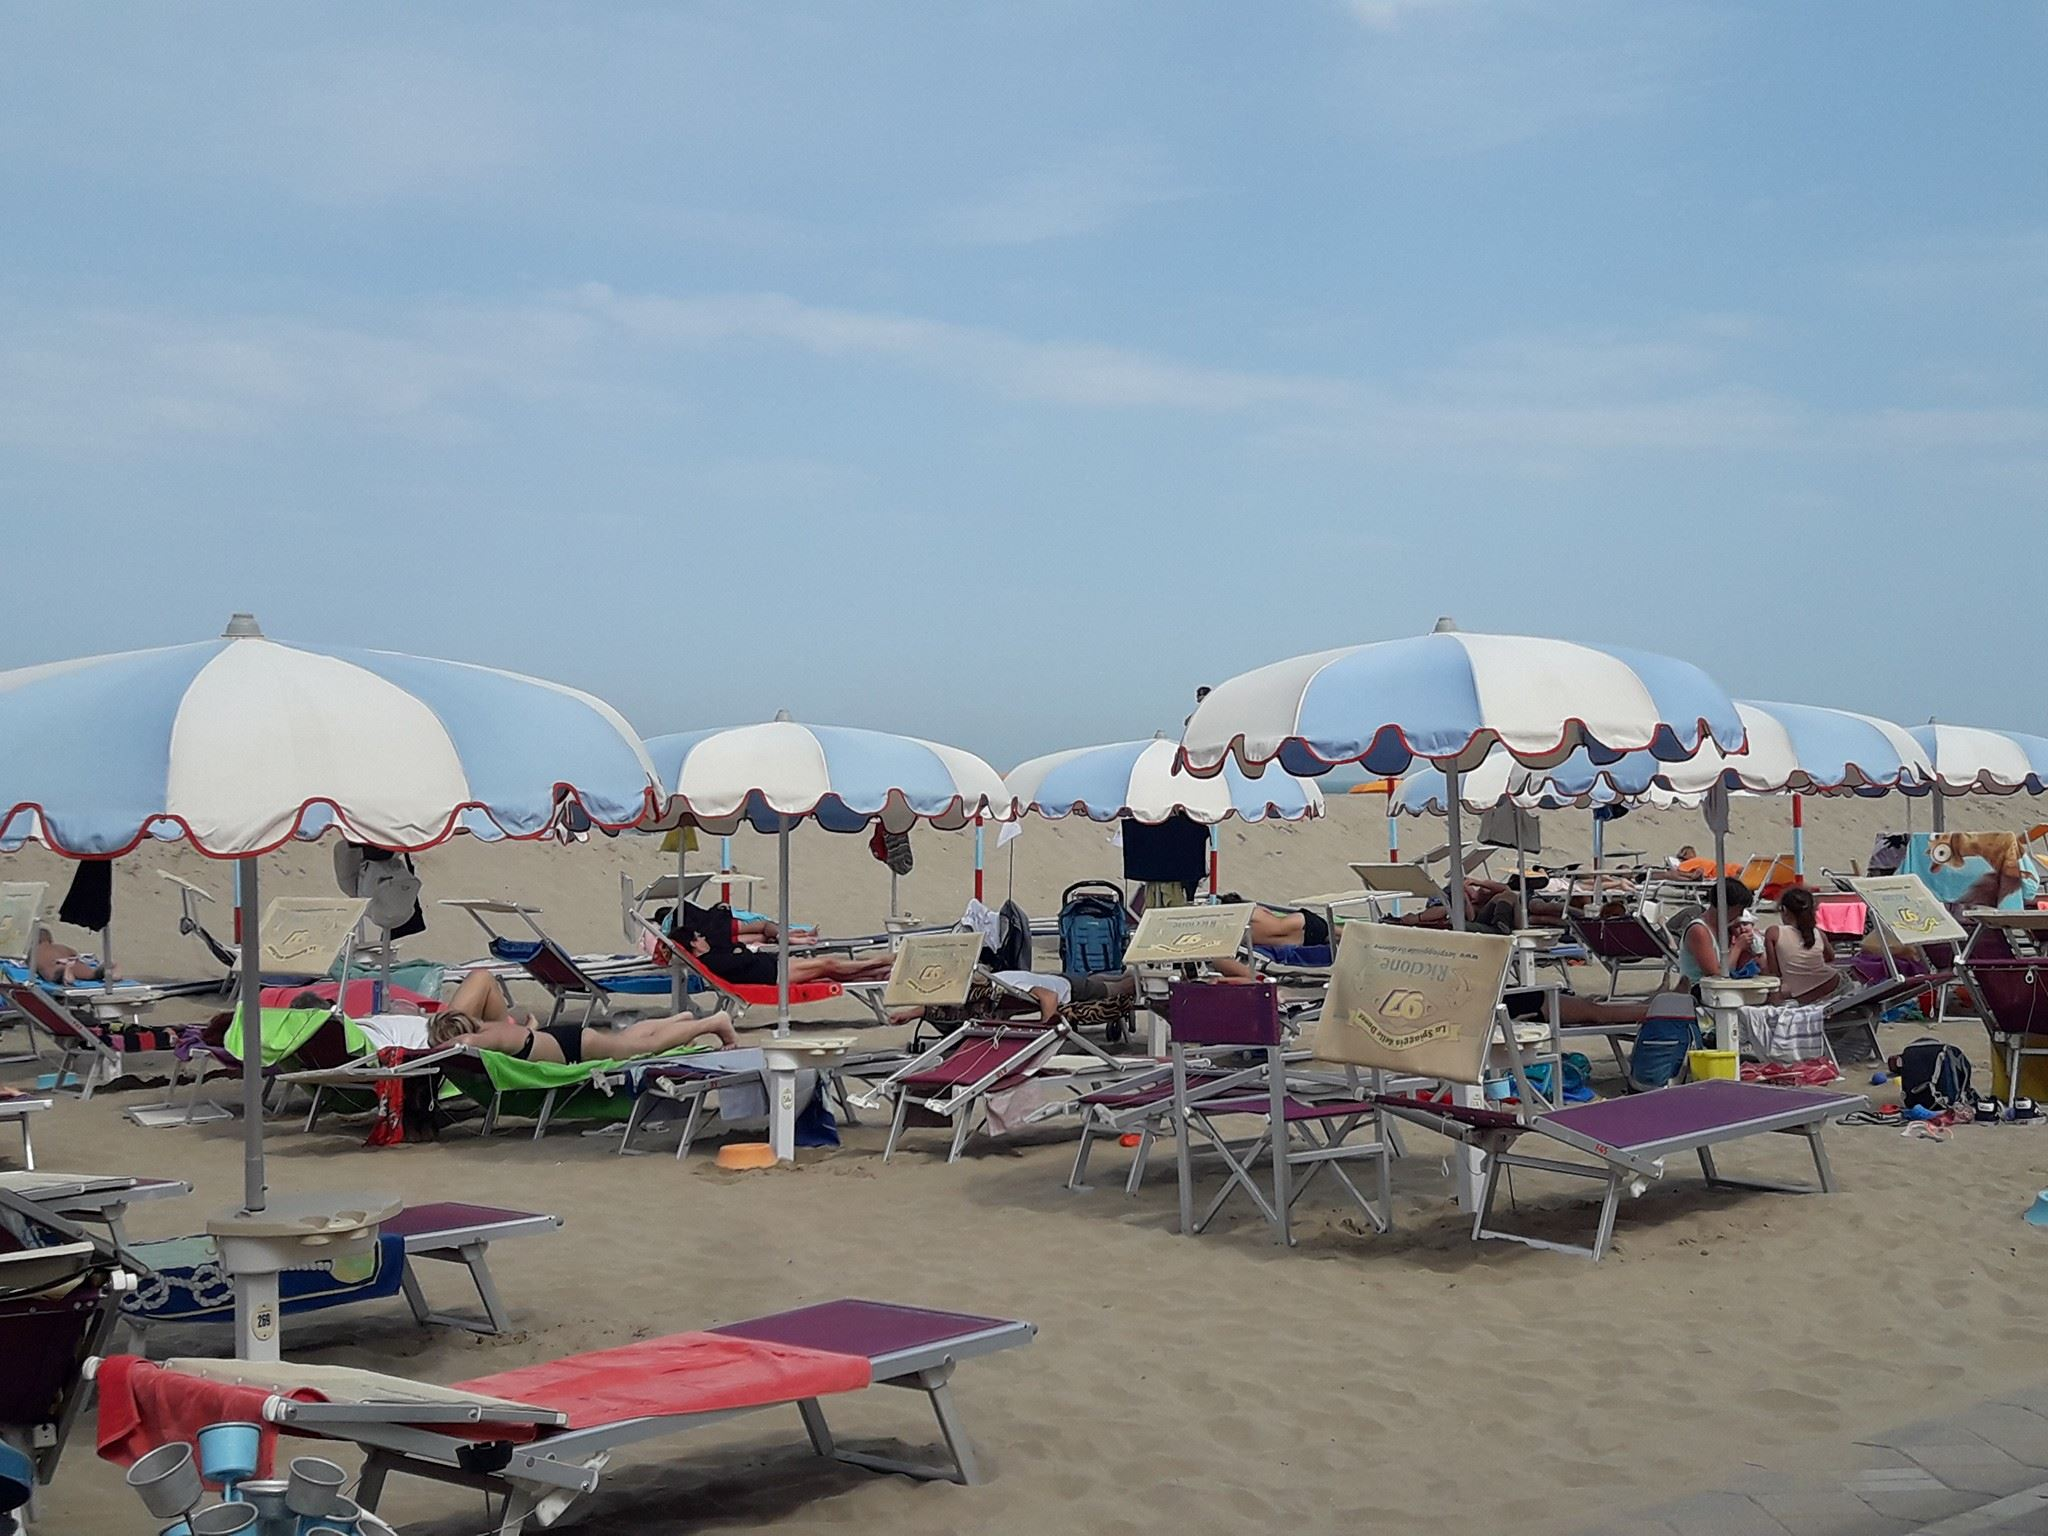 La Spiaggia Delle Donne